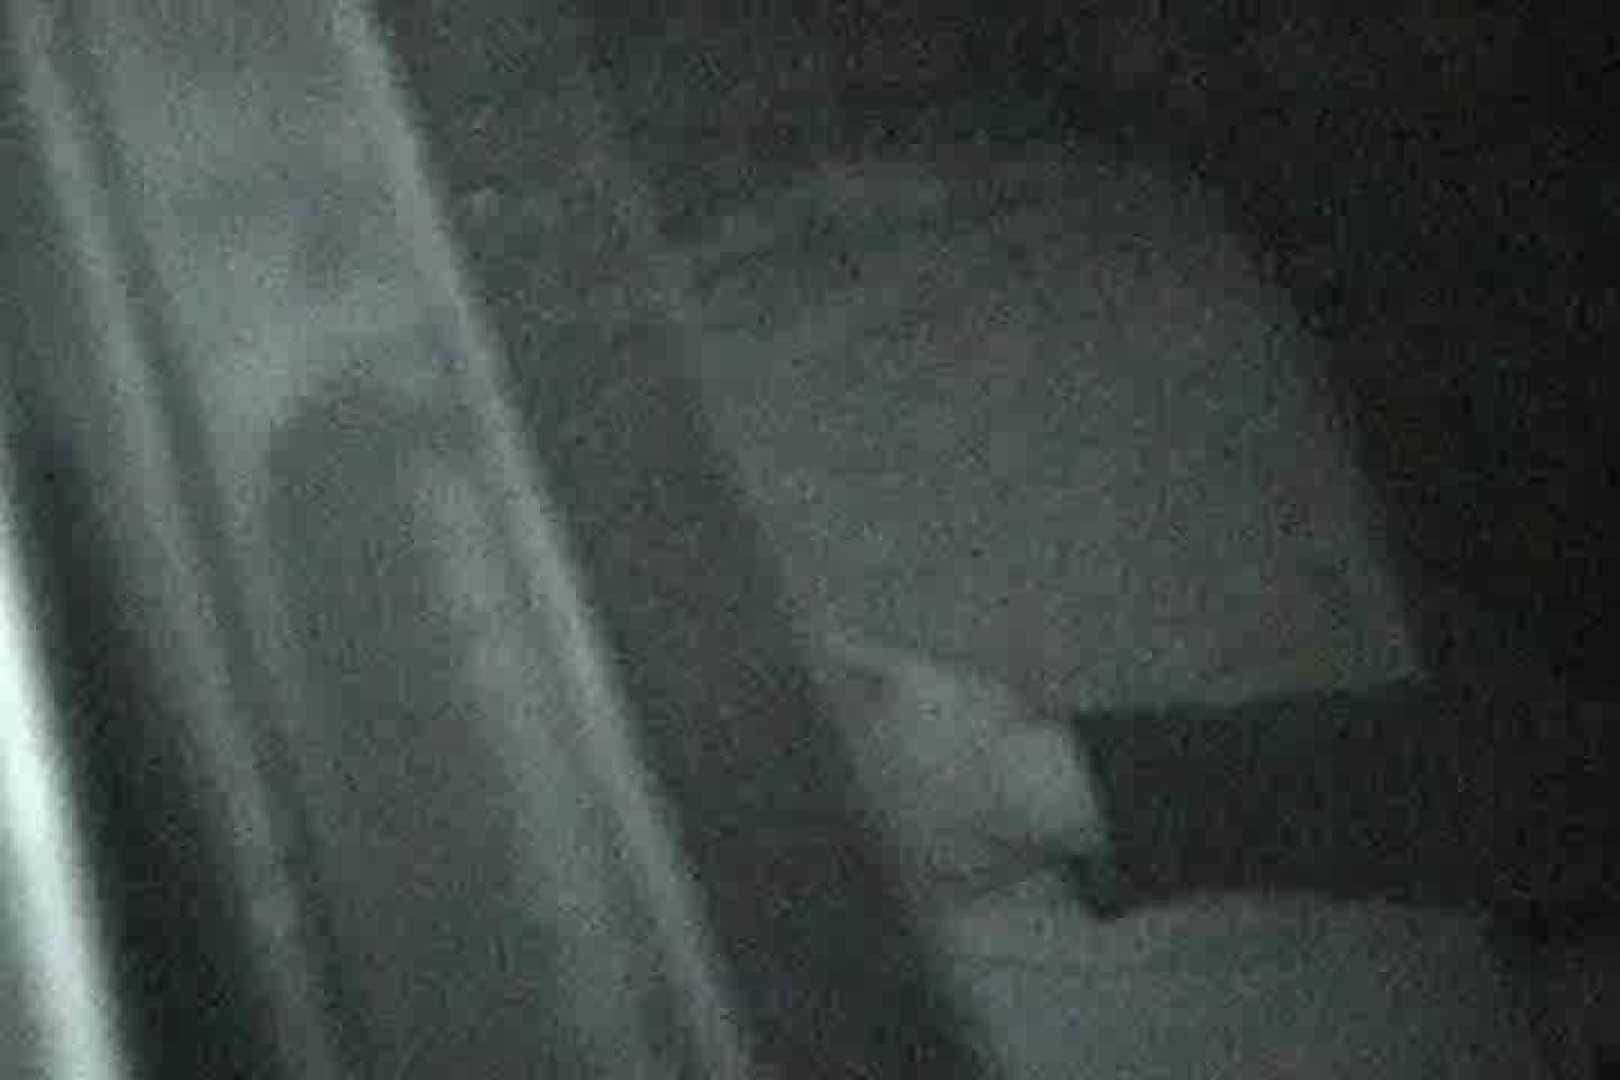 充血監督の深夜の運動会Vol.2 素人丸裸 おまんこ動画流出 84pic 30